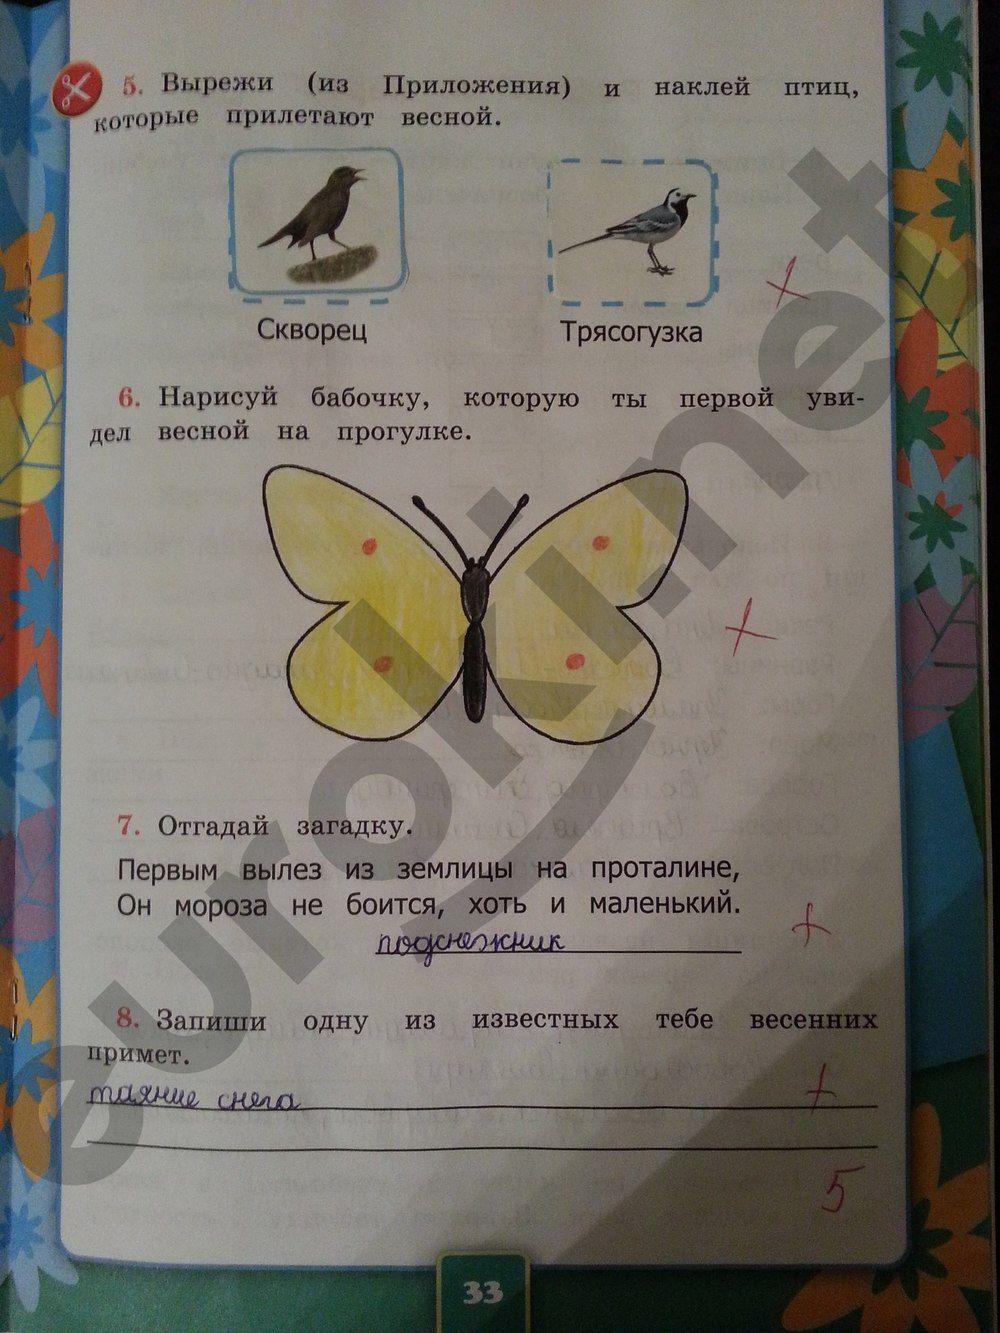 Биология 7-8 класс козлов скачать pdf